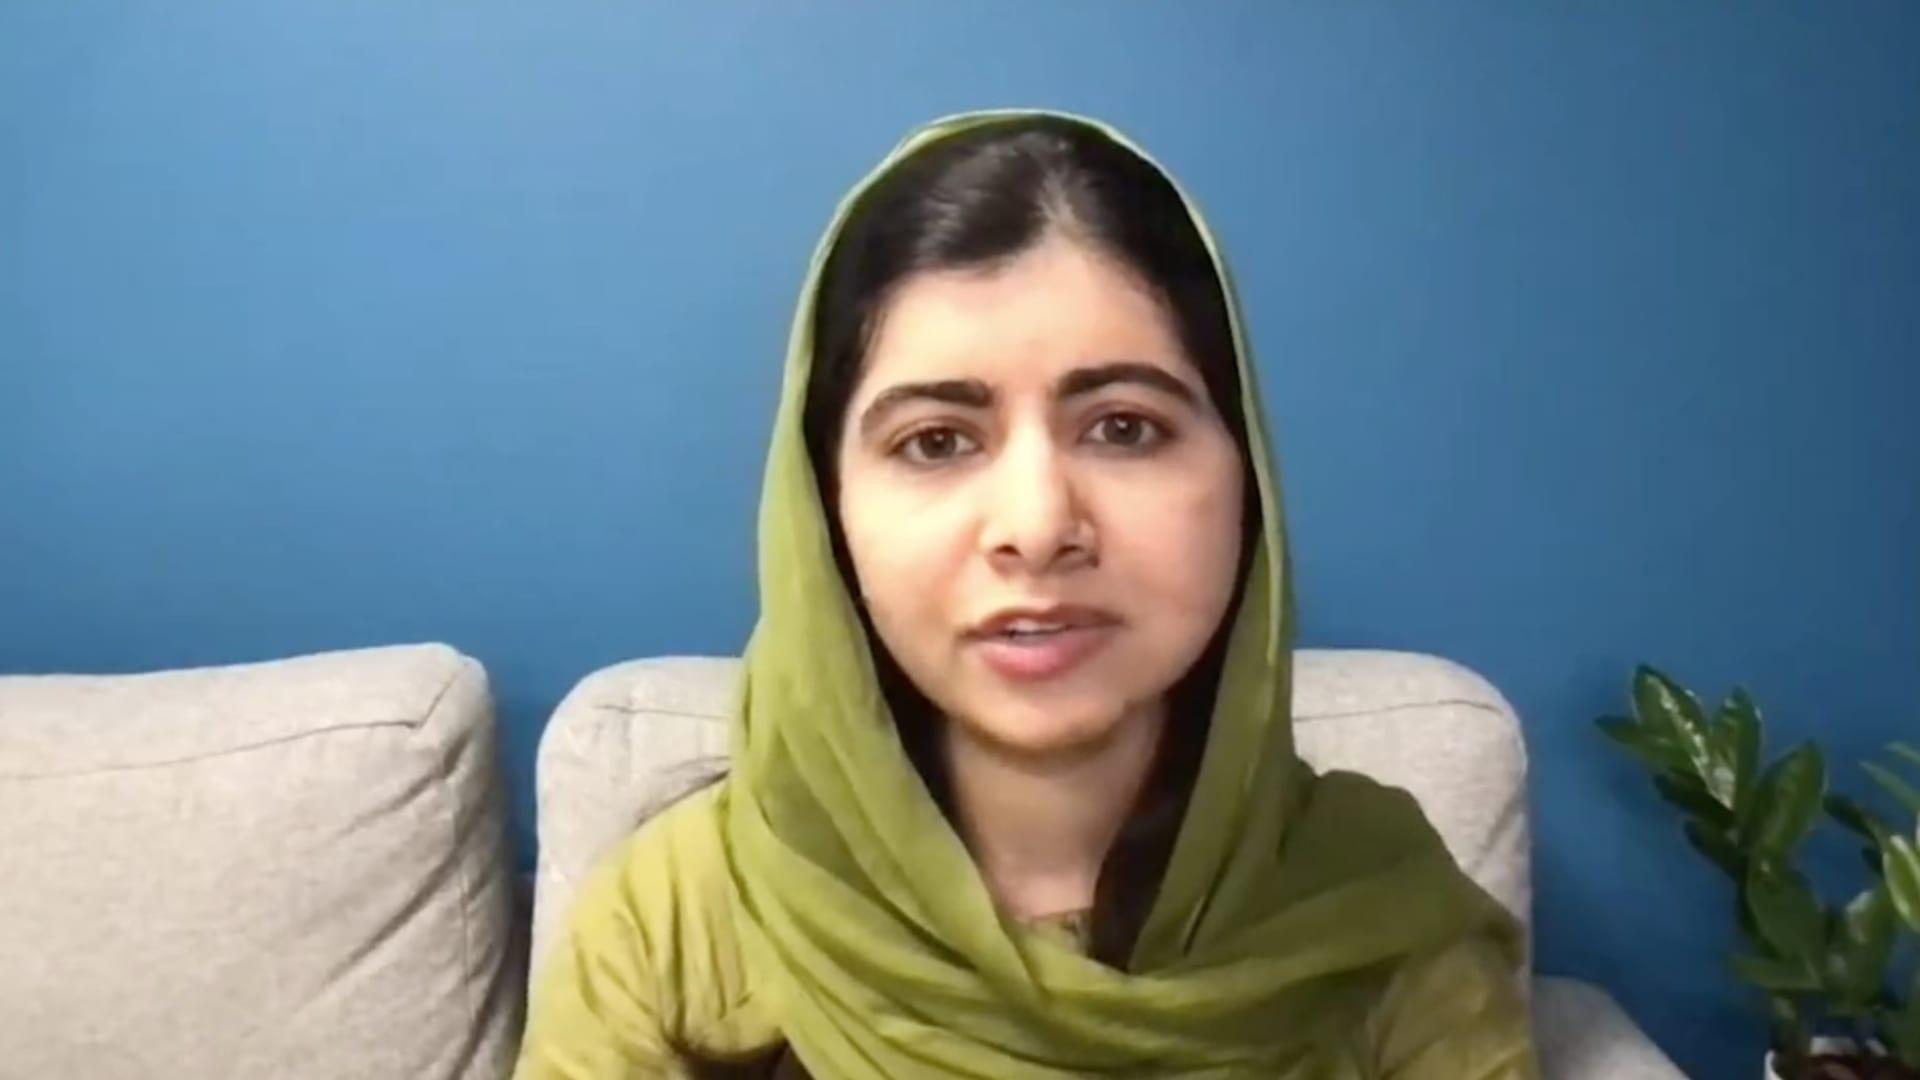 ملالا يوسف زي: تعليم المرأة يشكل تهديدًا لأيديولوجية طالبان